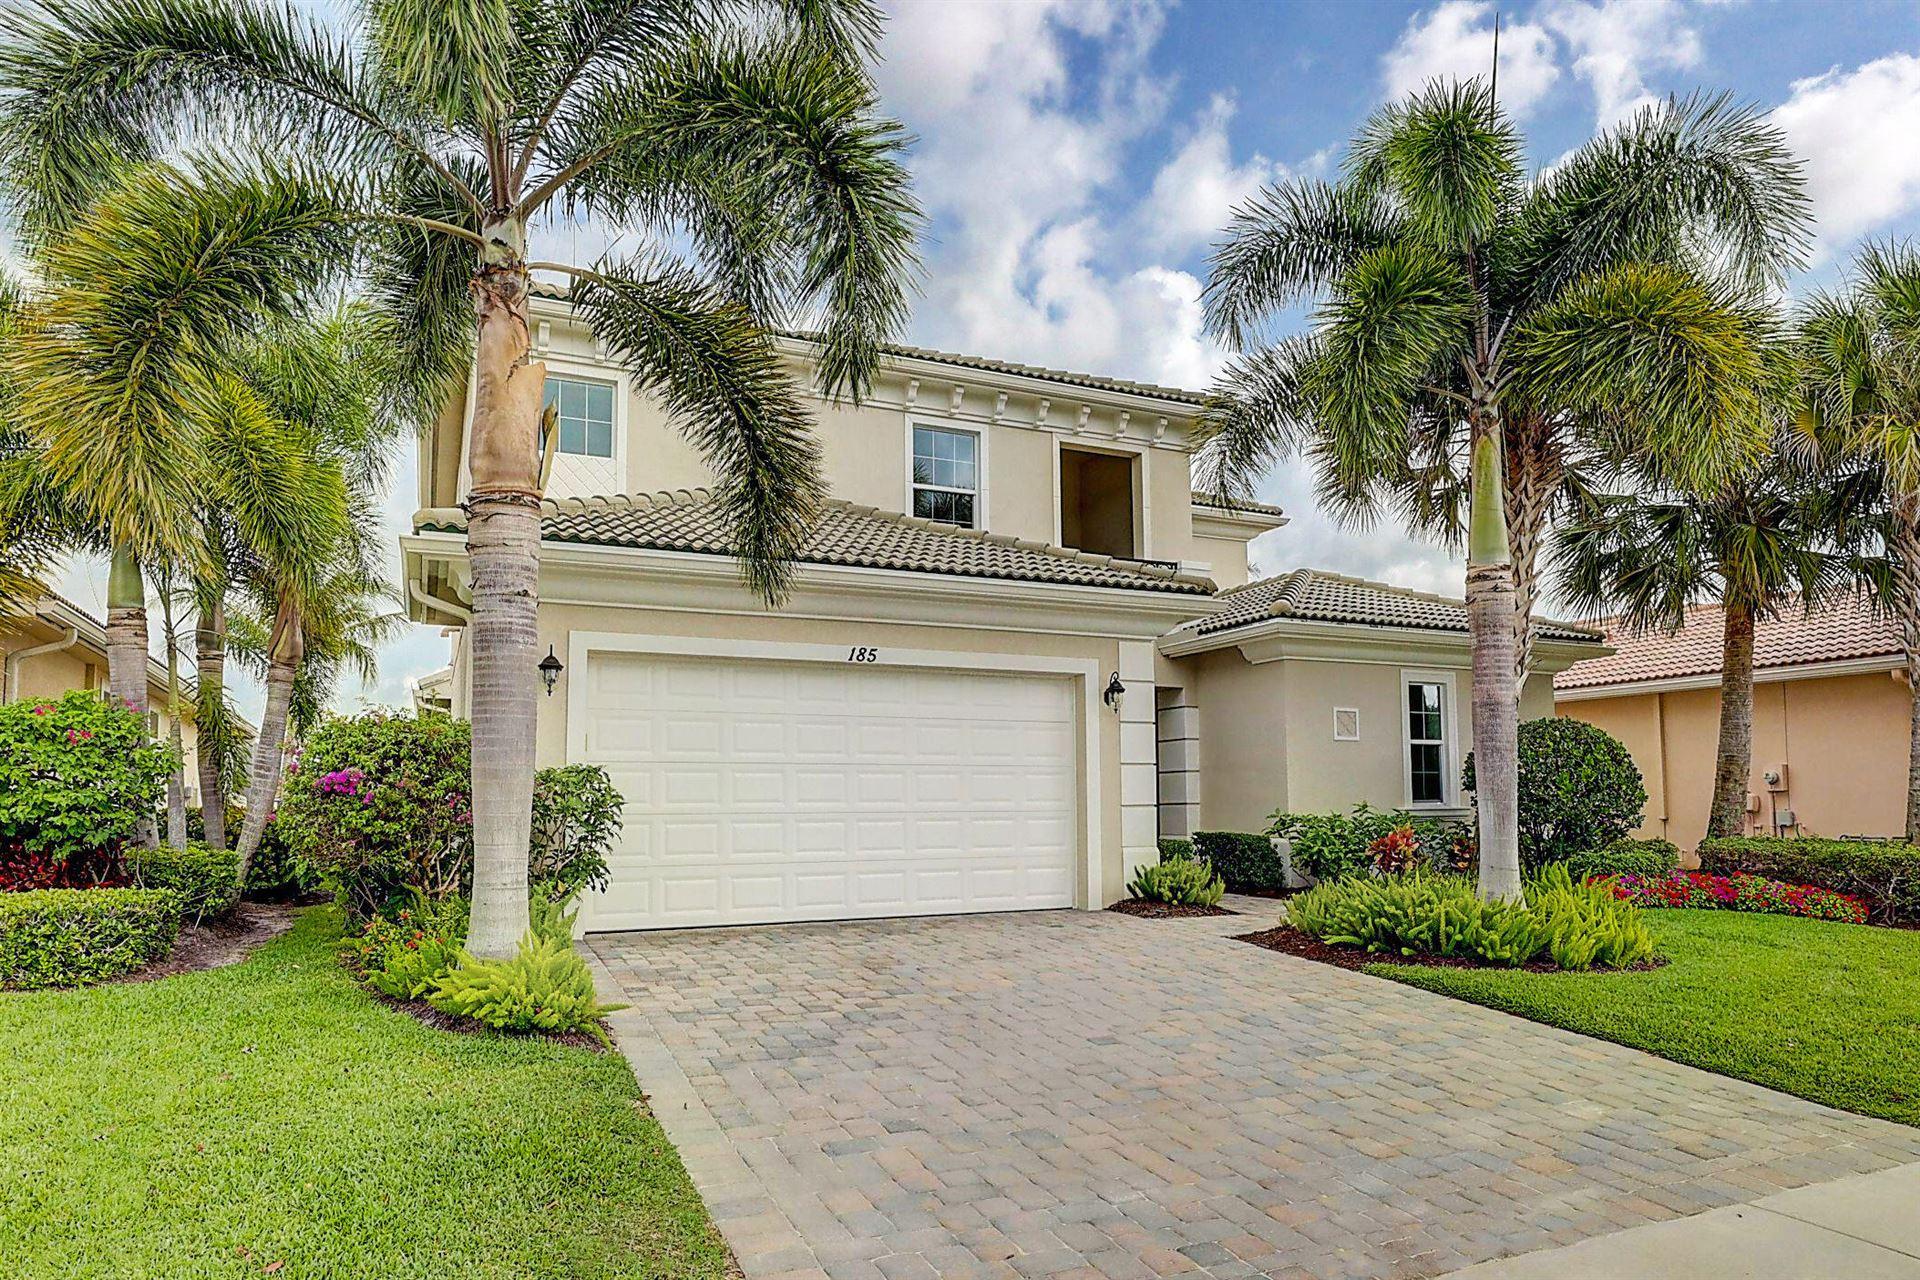 Photo of 185 Carina Drive, Jupiter, FL 33478 (MLS # RX-10713216)